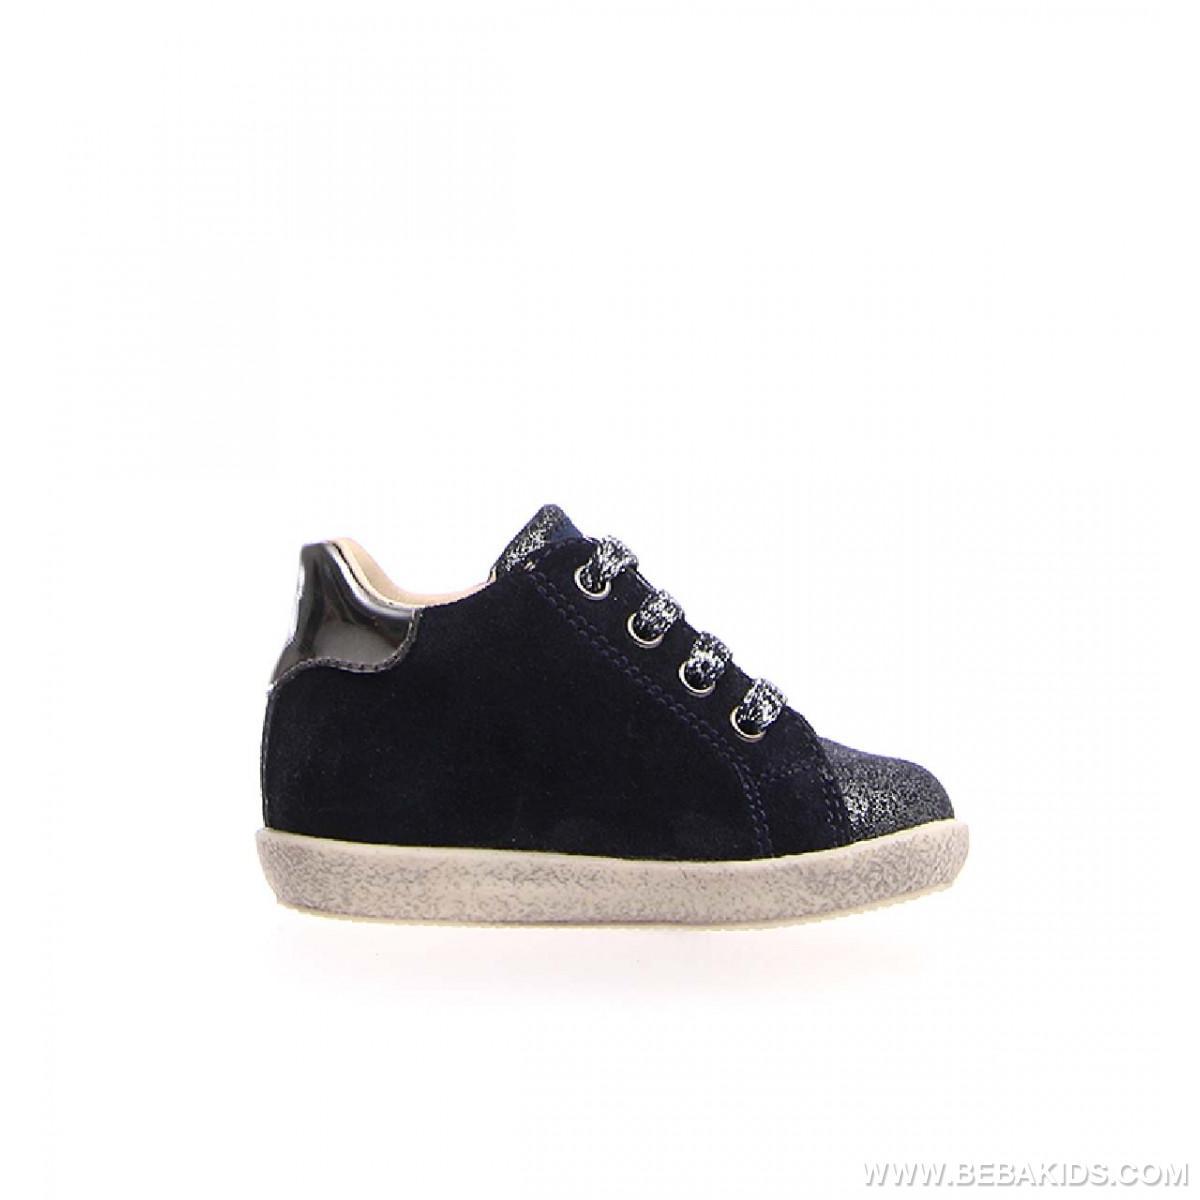 Cipele falc 18-26